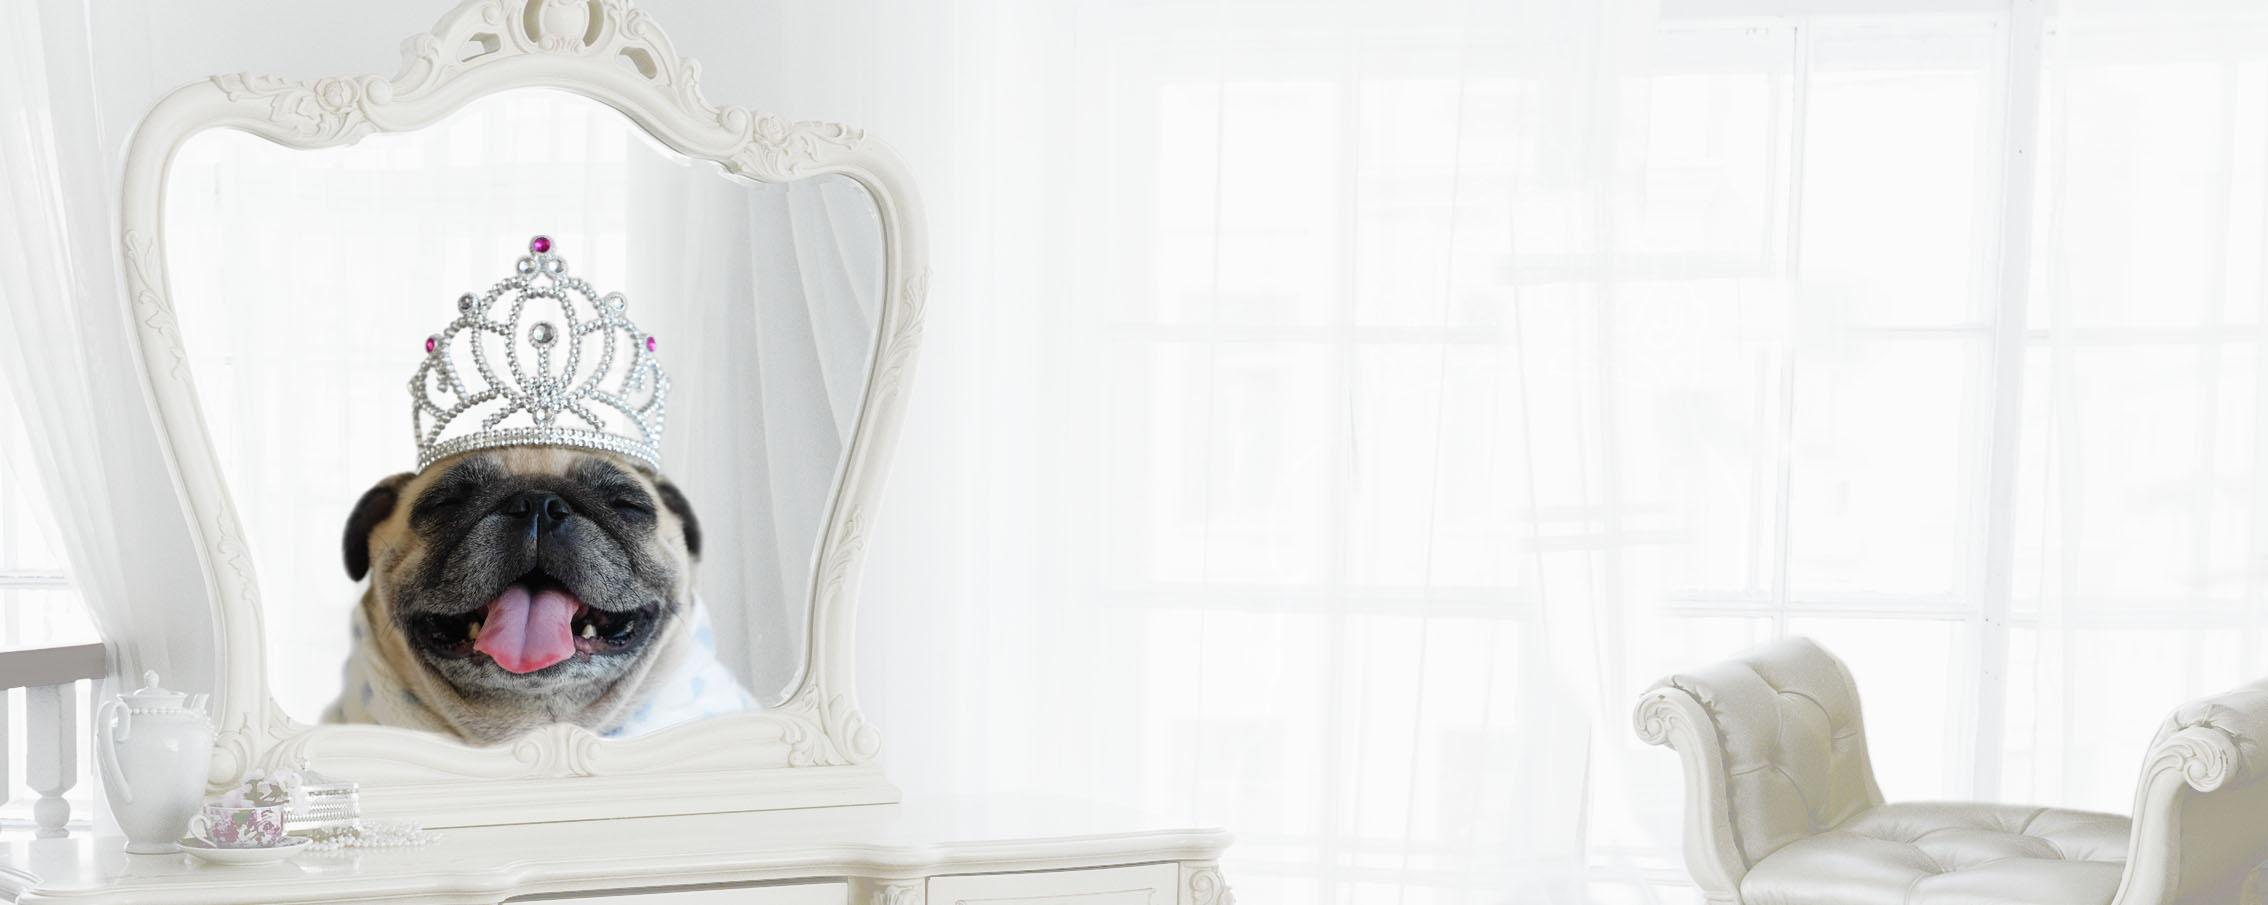 Pekinese (Hund) mit Krone in herrschaftlicher Umgebung als ein zentrales Bild-Slider-Motiv von FROG KING zur Aussage